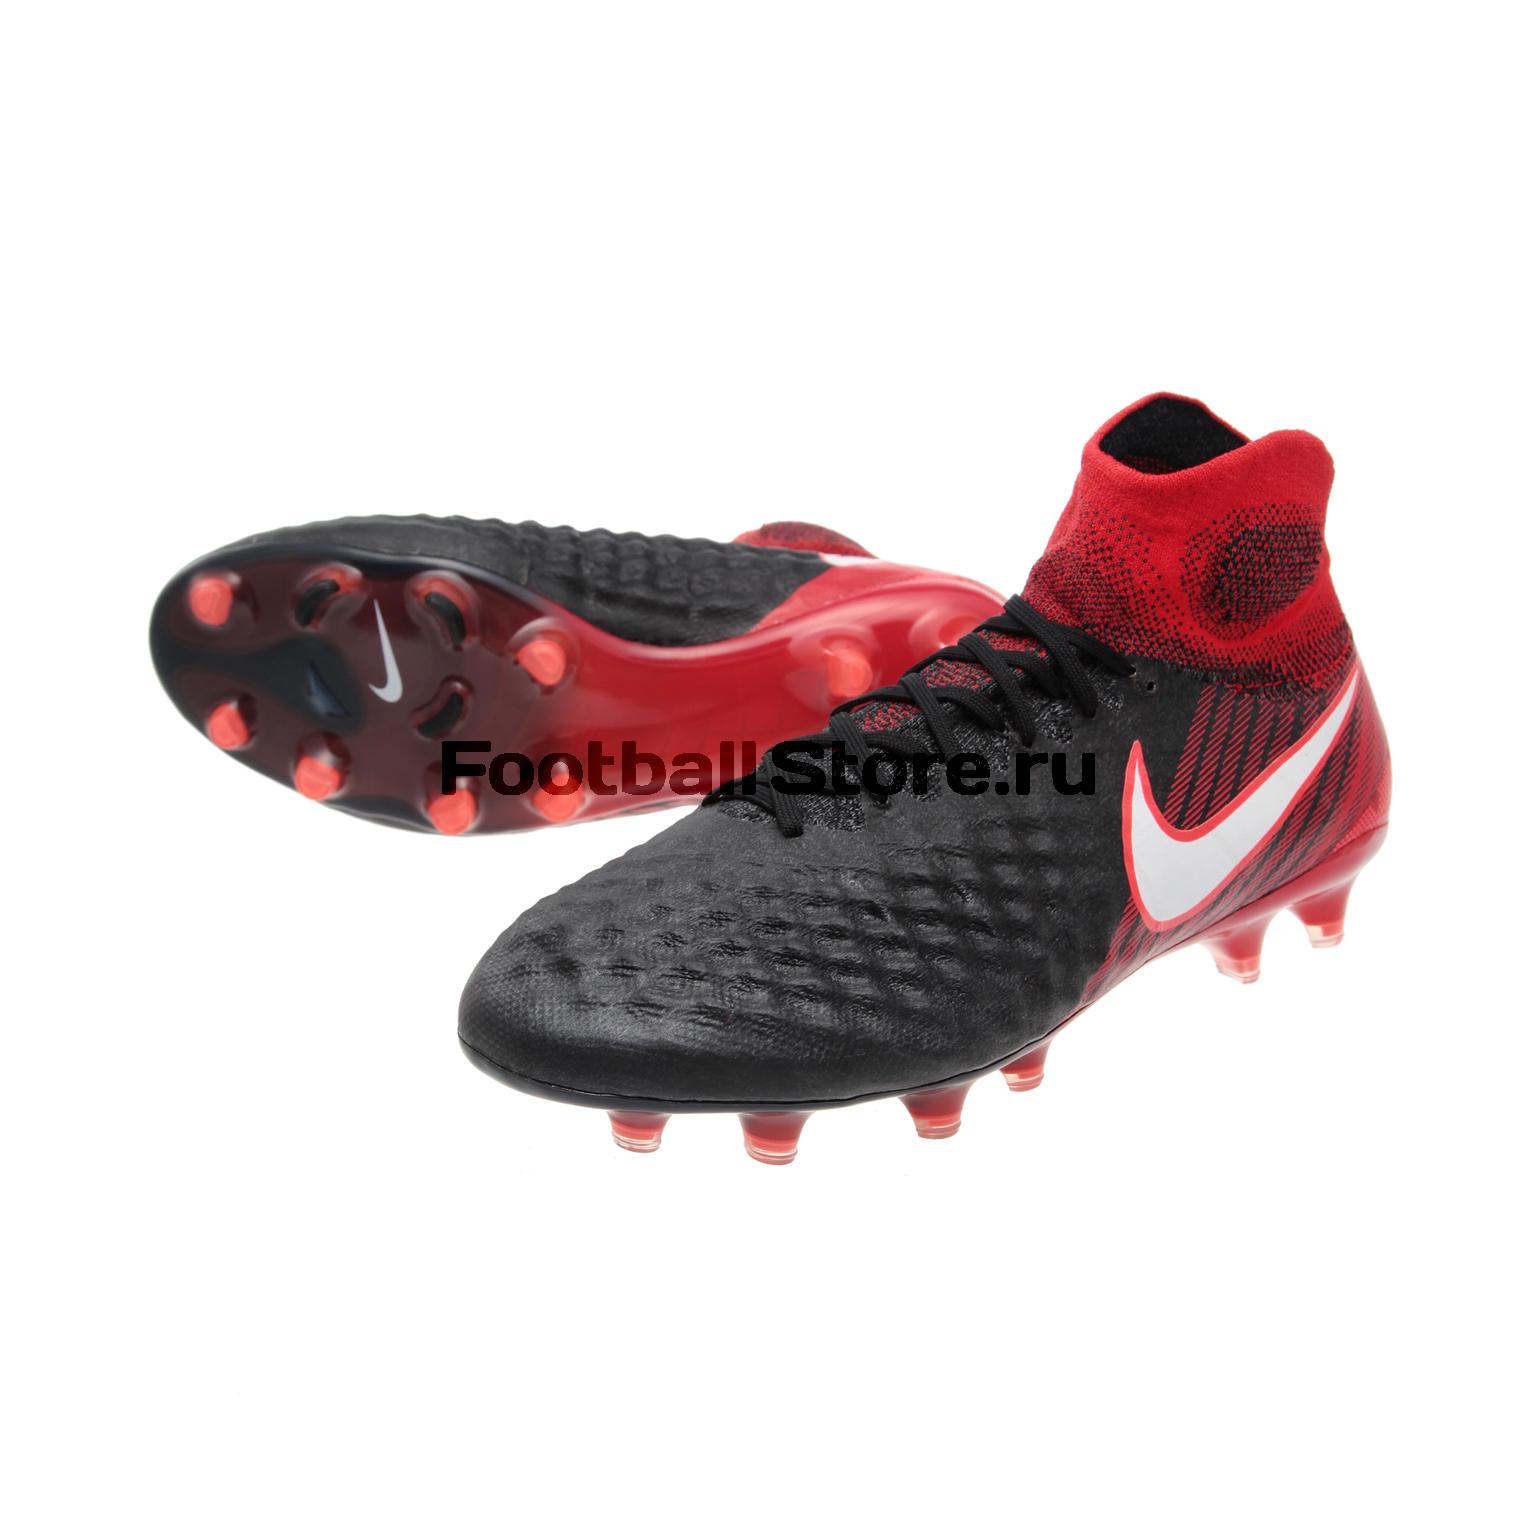 Бутсы Nike Magista Obra II FG 844595-061 бутсы футбольные nike obra ii academy df fg ah7313 080 jr детские т сер оранж